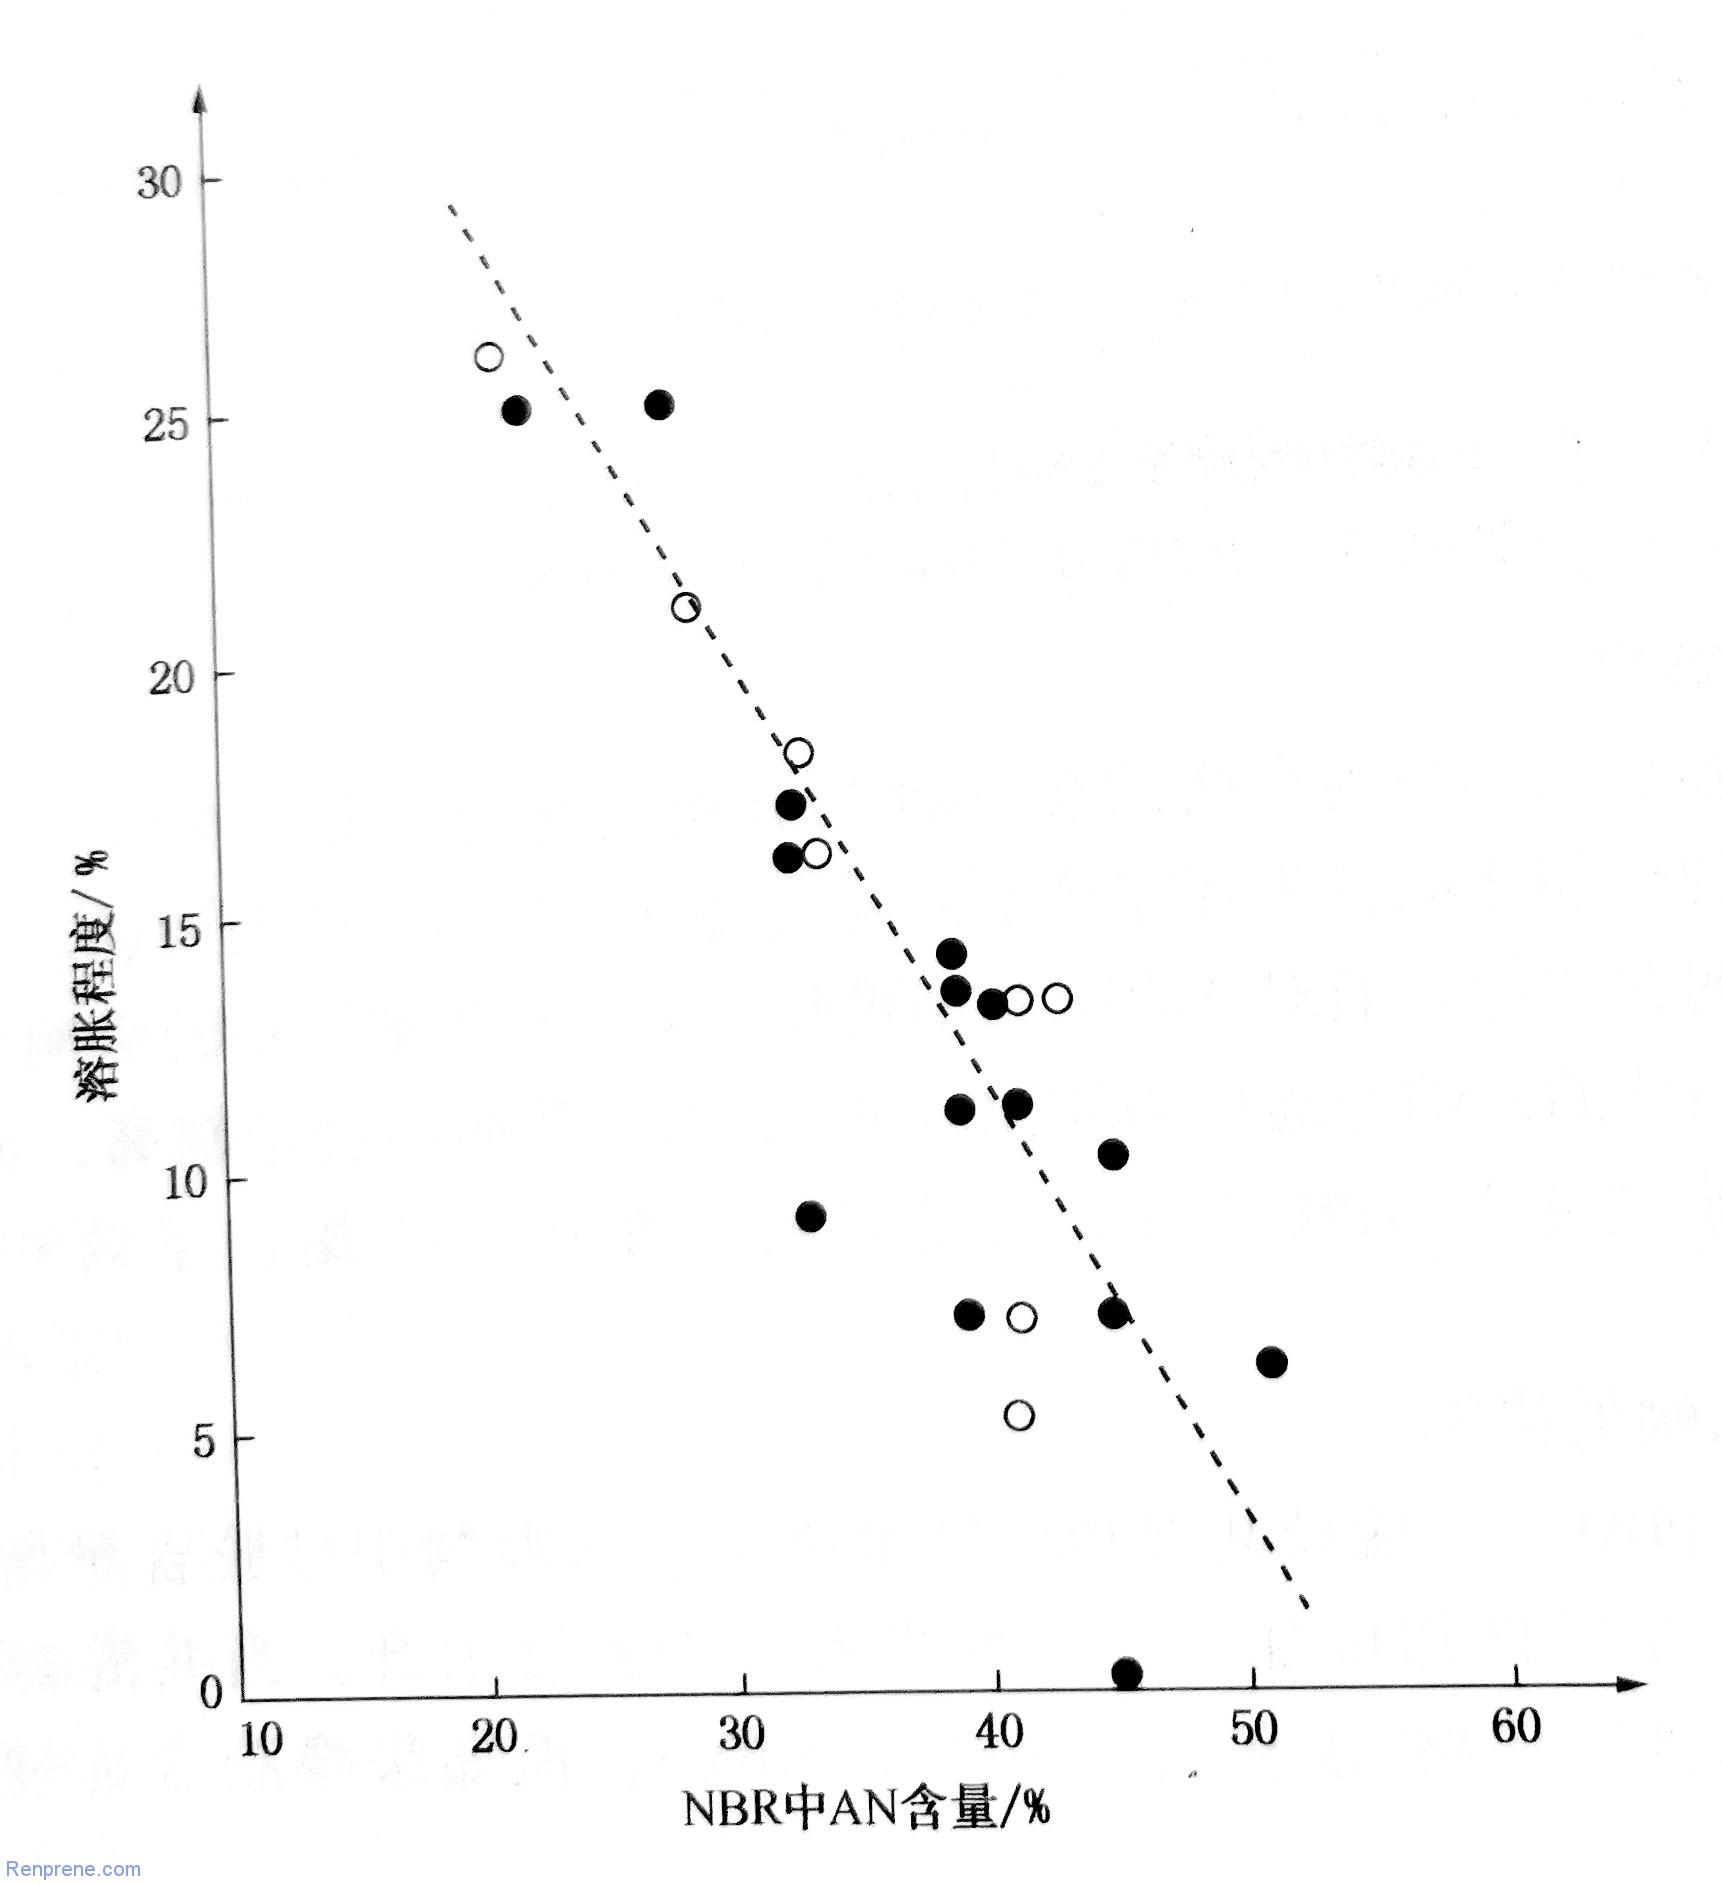 NBR-尼龙热塑性弹性体